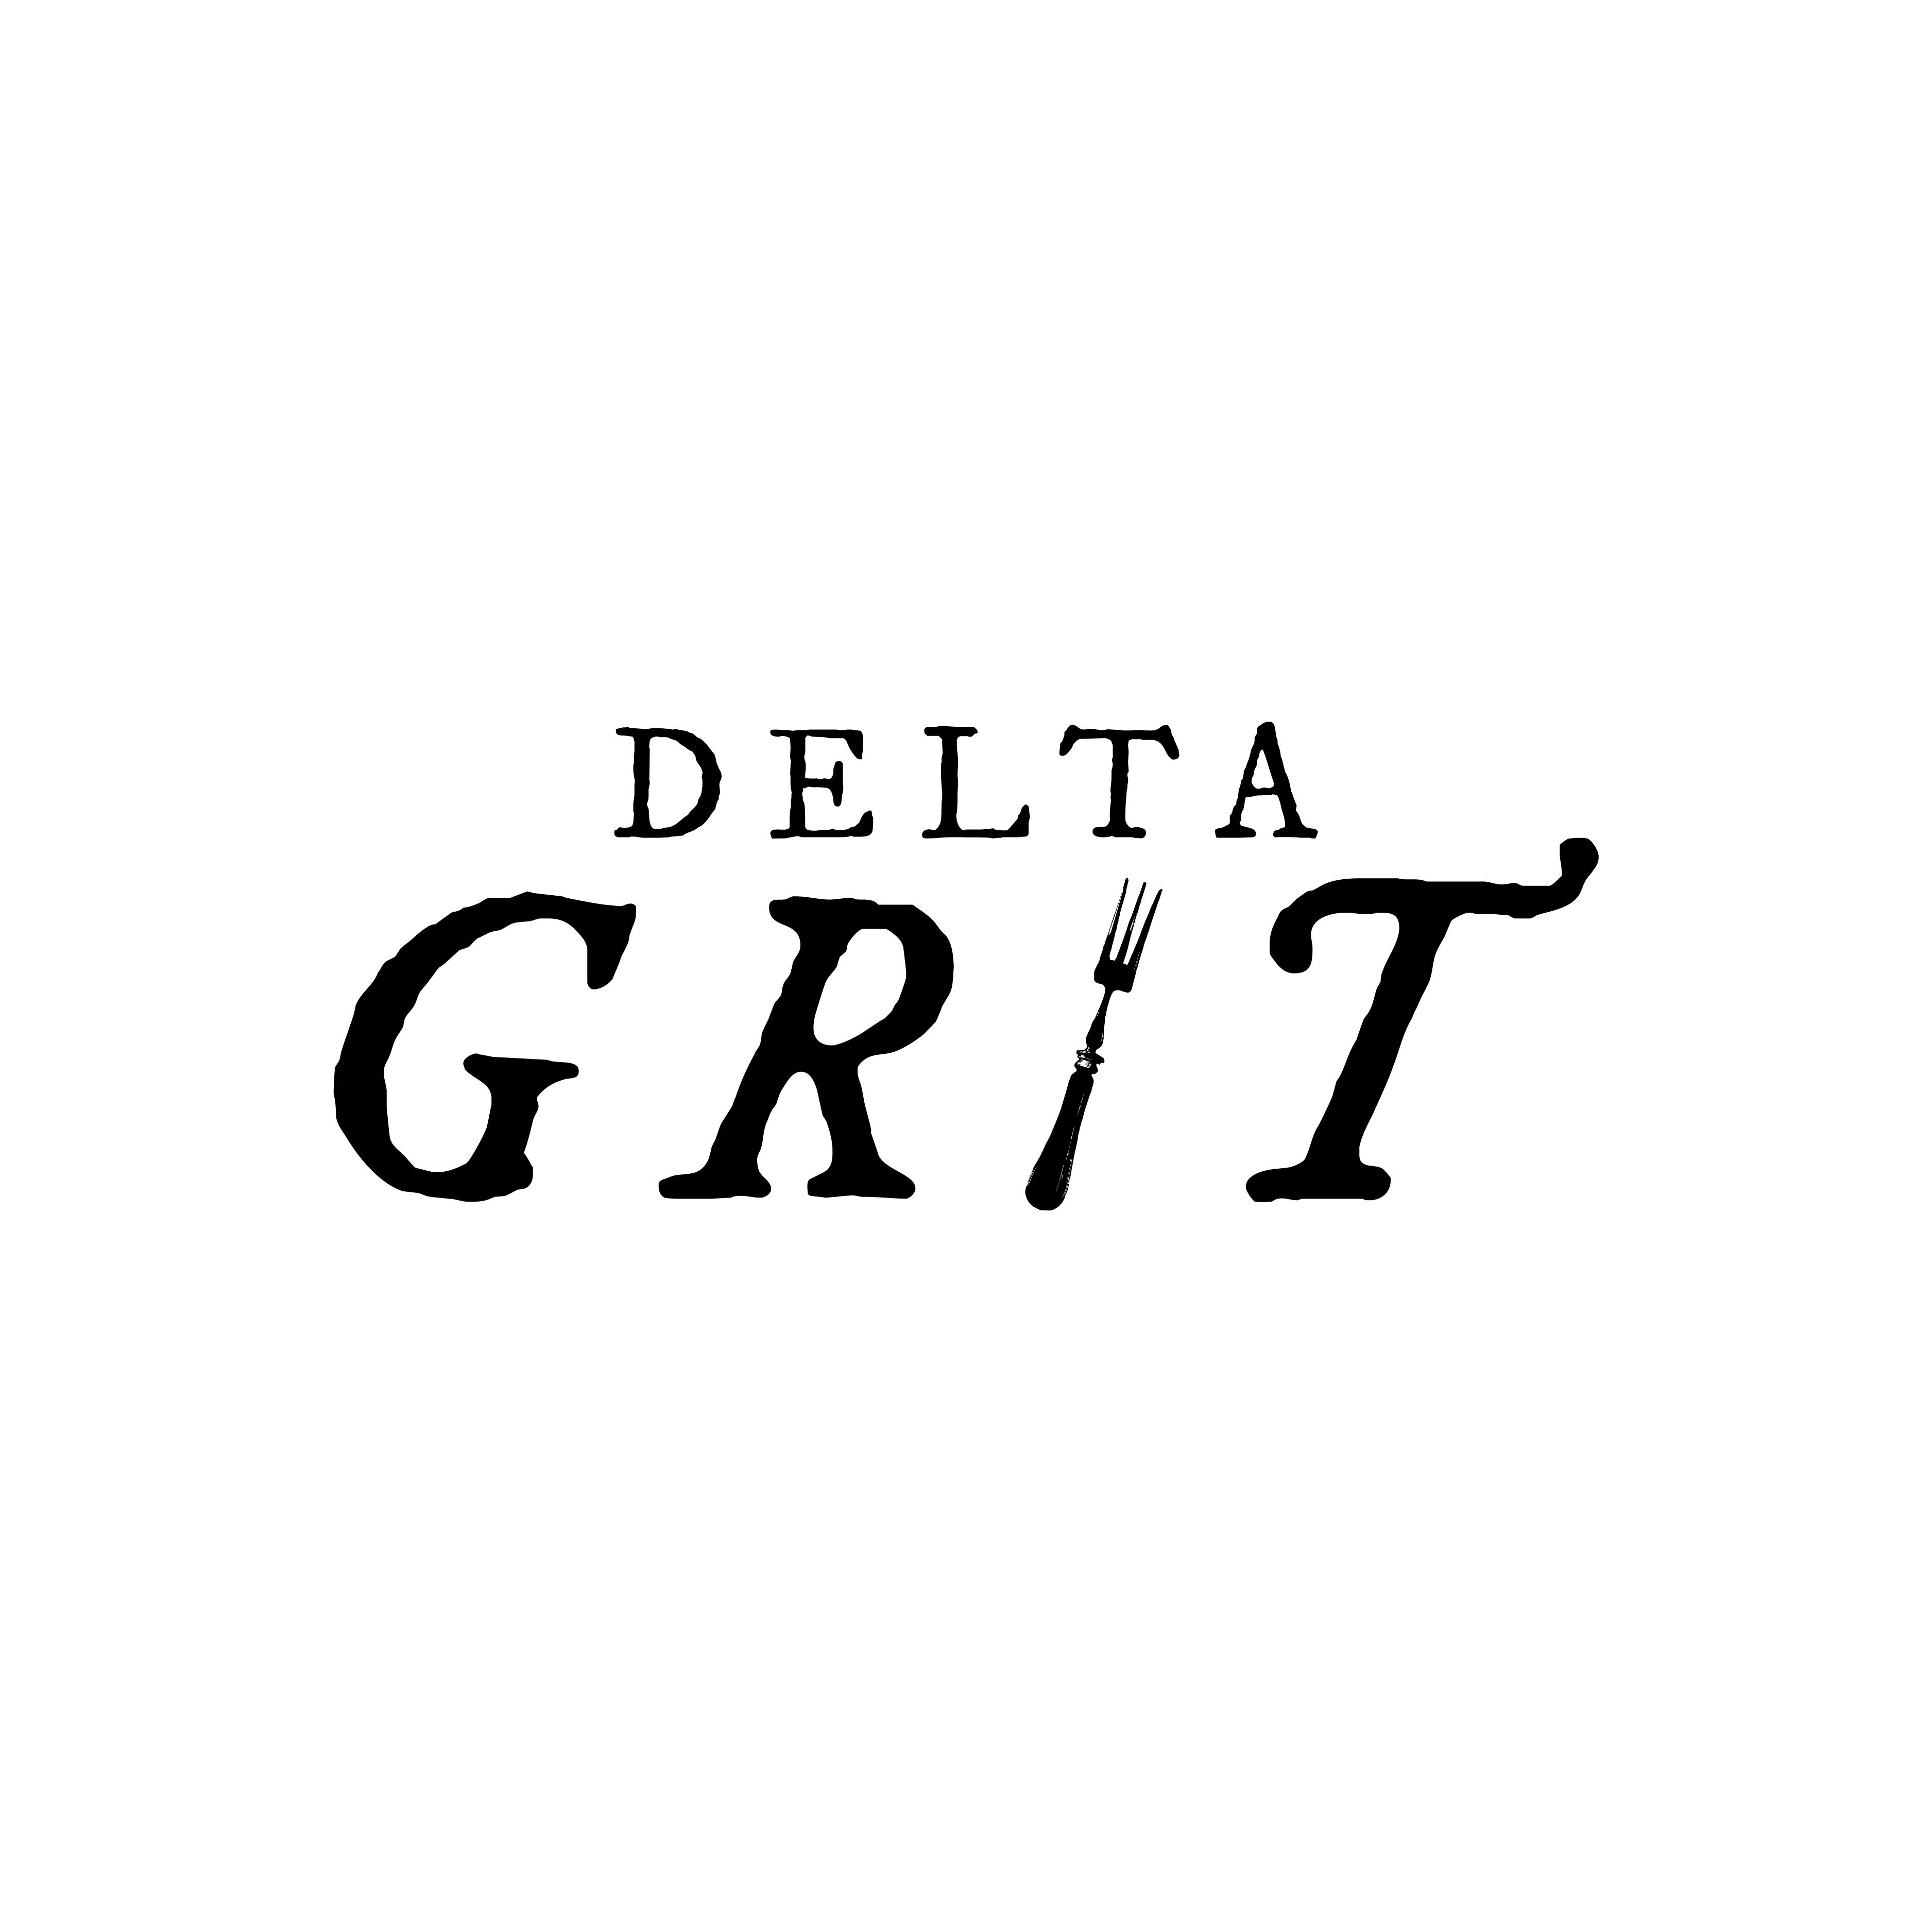 Delta Grit